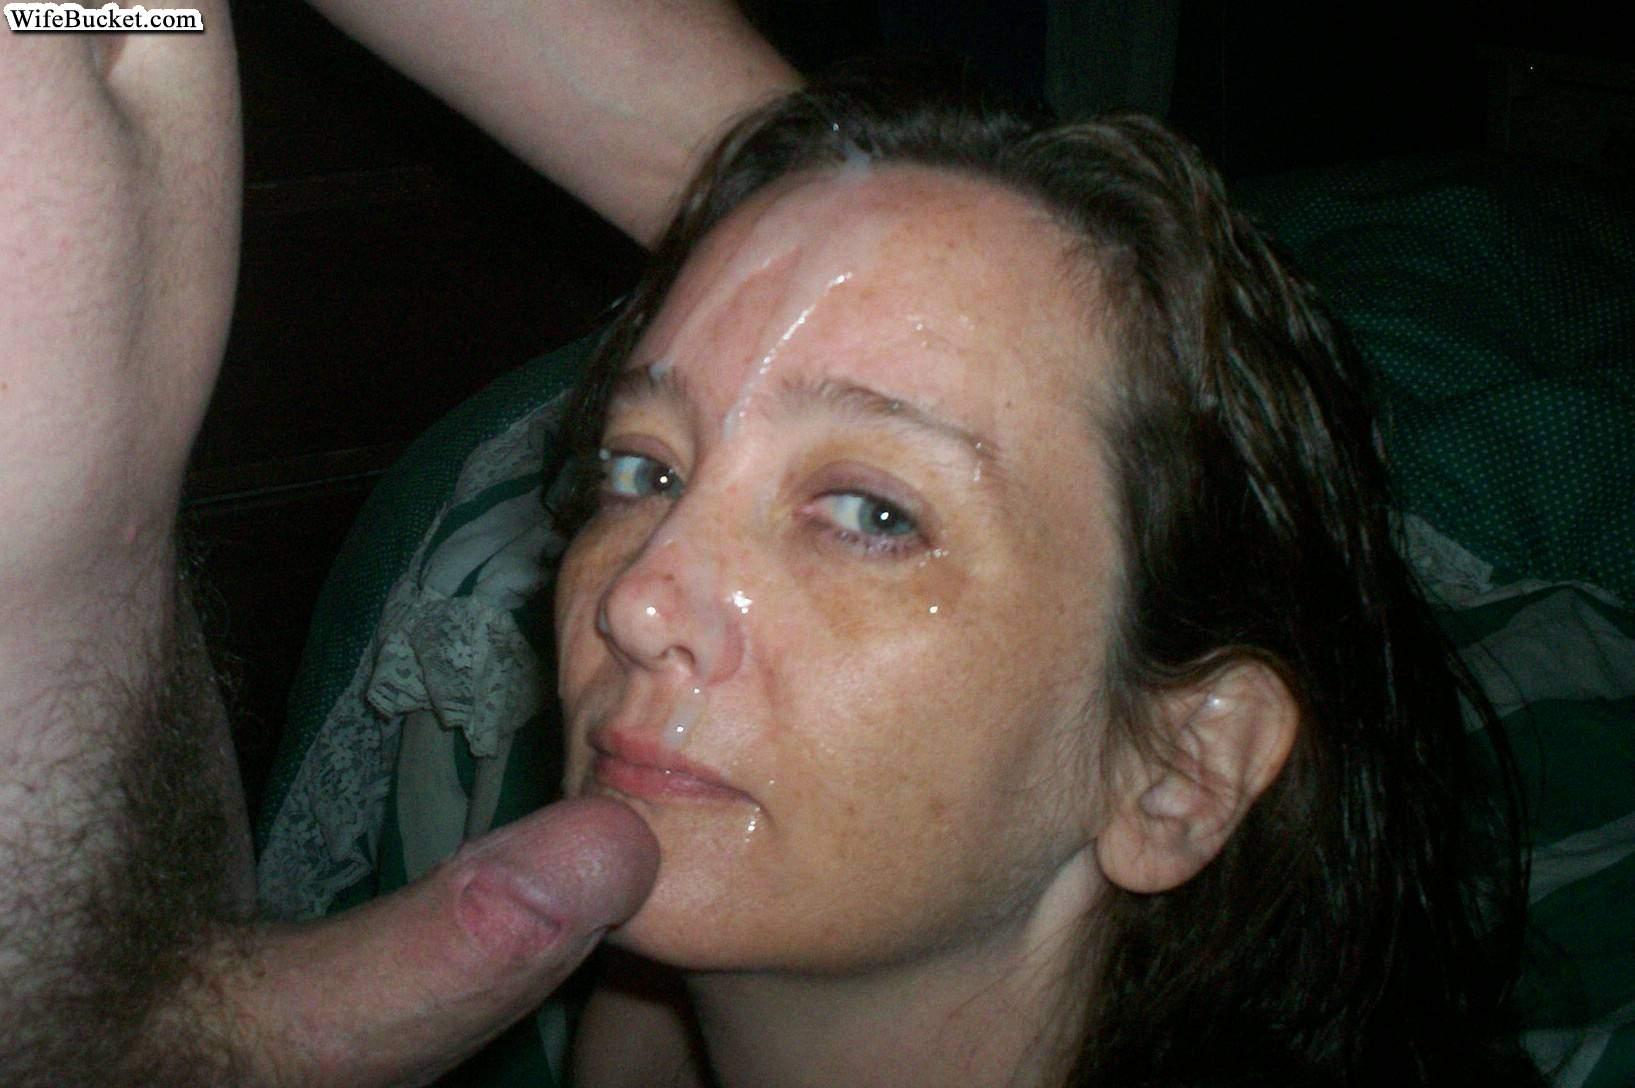 Смотреть секс на работе по быстрому 23 фотография